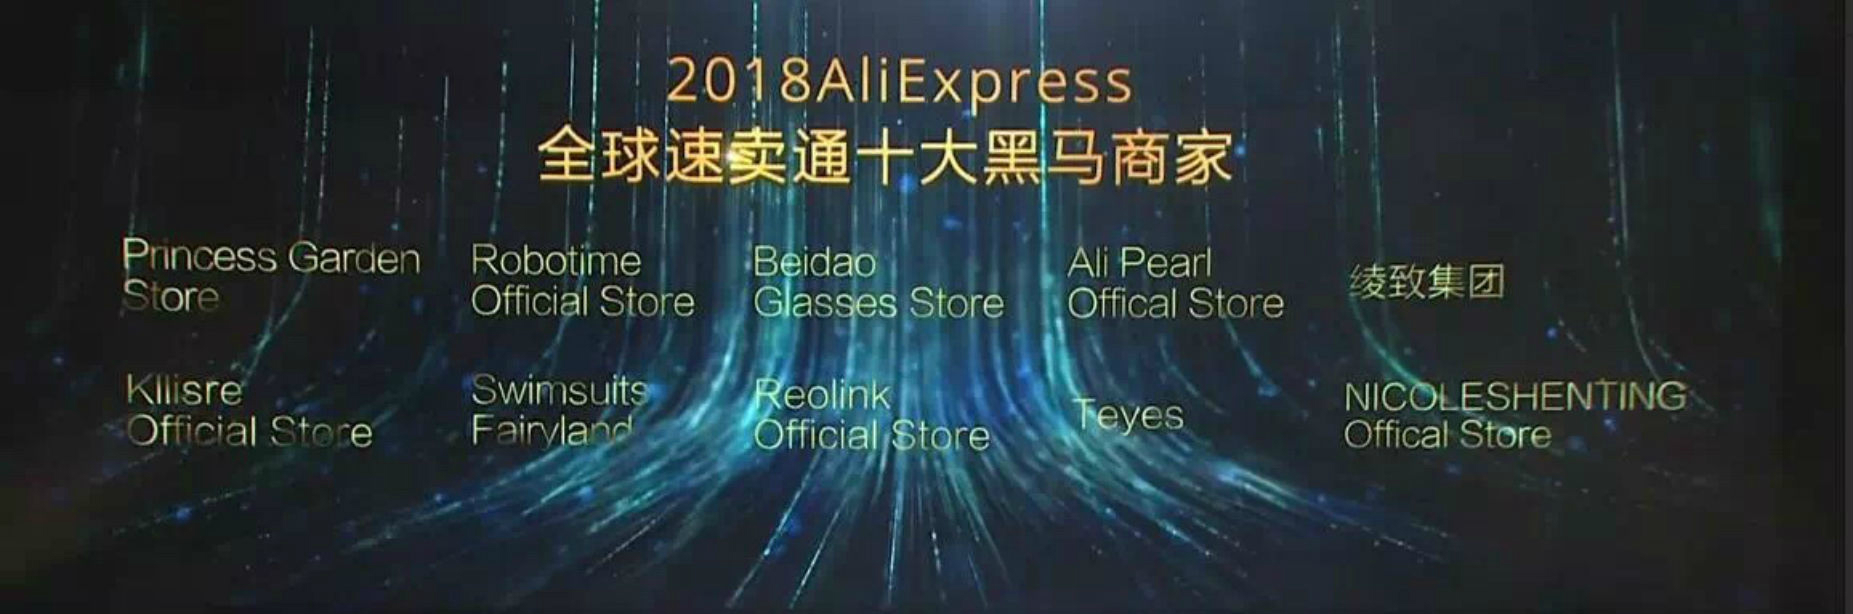 2019 AliExpress Seller GateWay- Robotime becomes an international dark horse